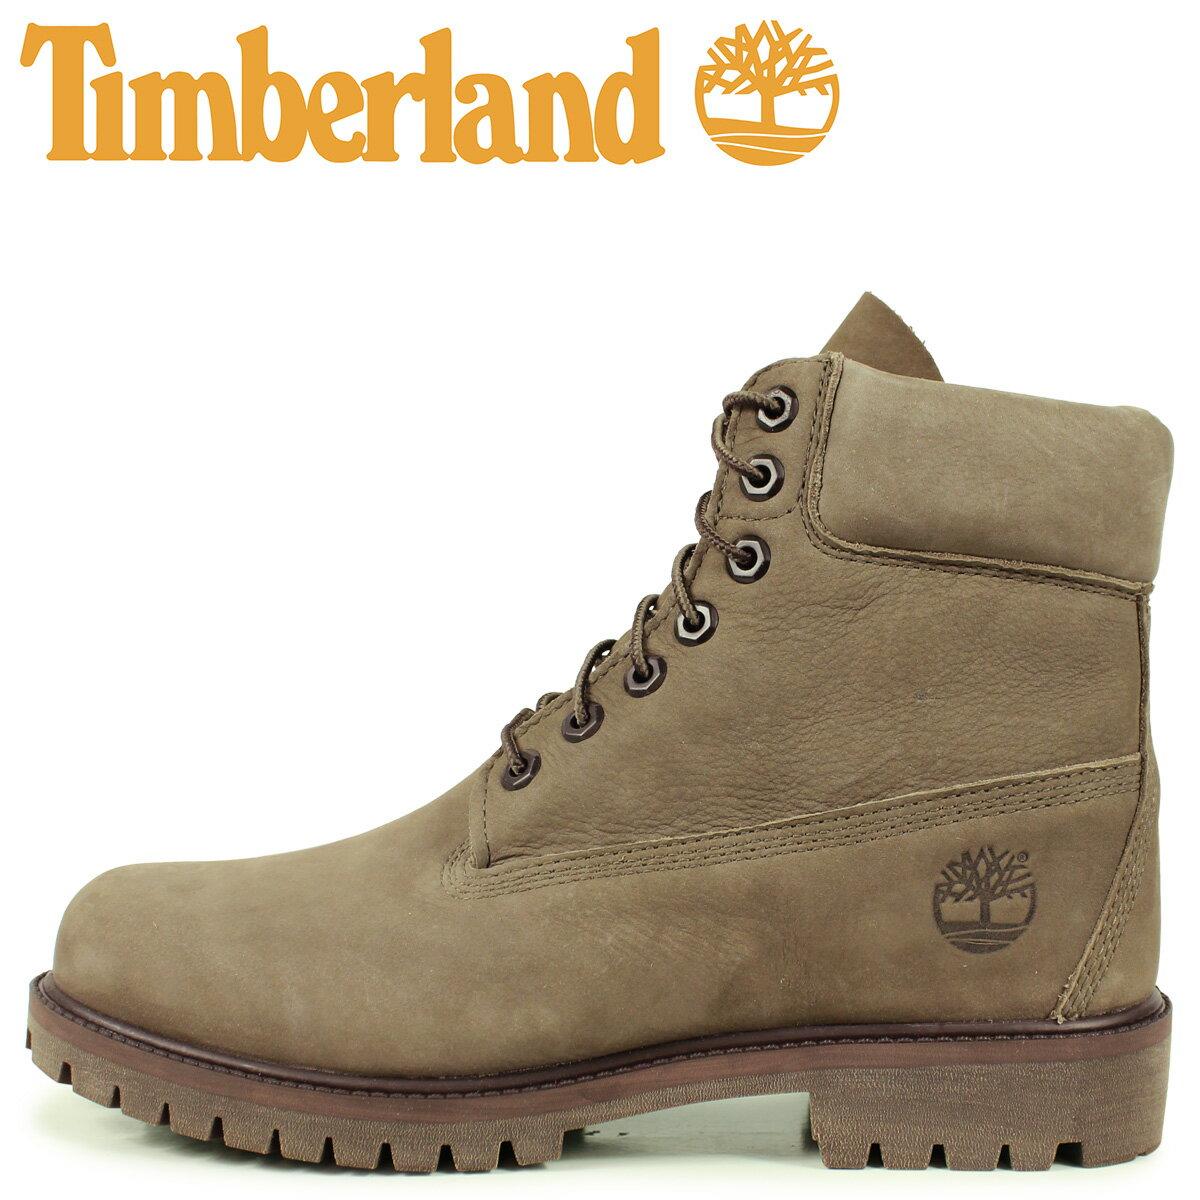 Timberland ティンバーランド ブーツ 6インチ ウォータープルーフ メンズ 6INCH WATERPROOF BOOTS オリーブ A24W3画像